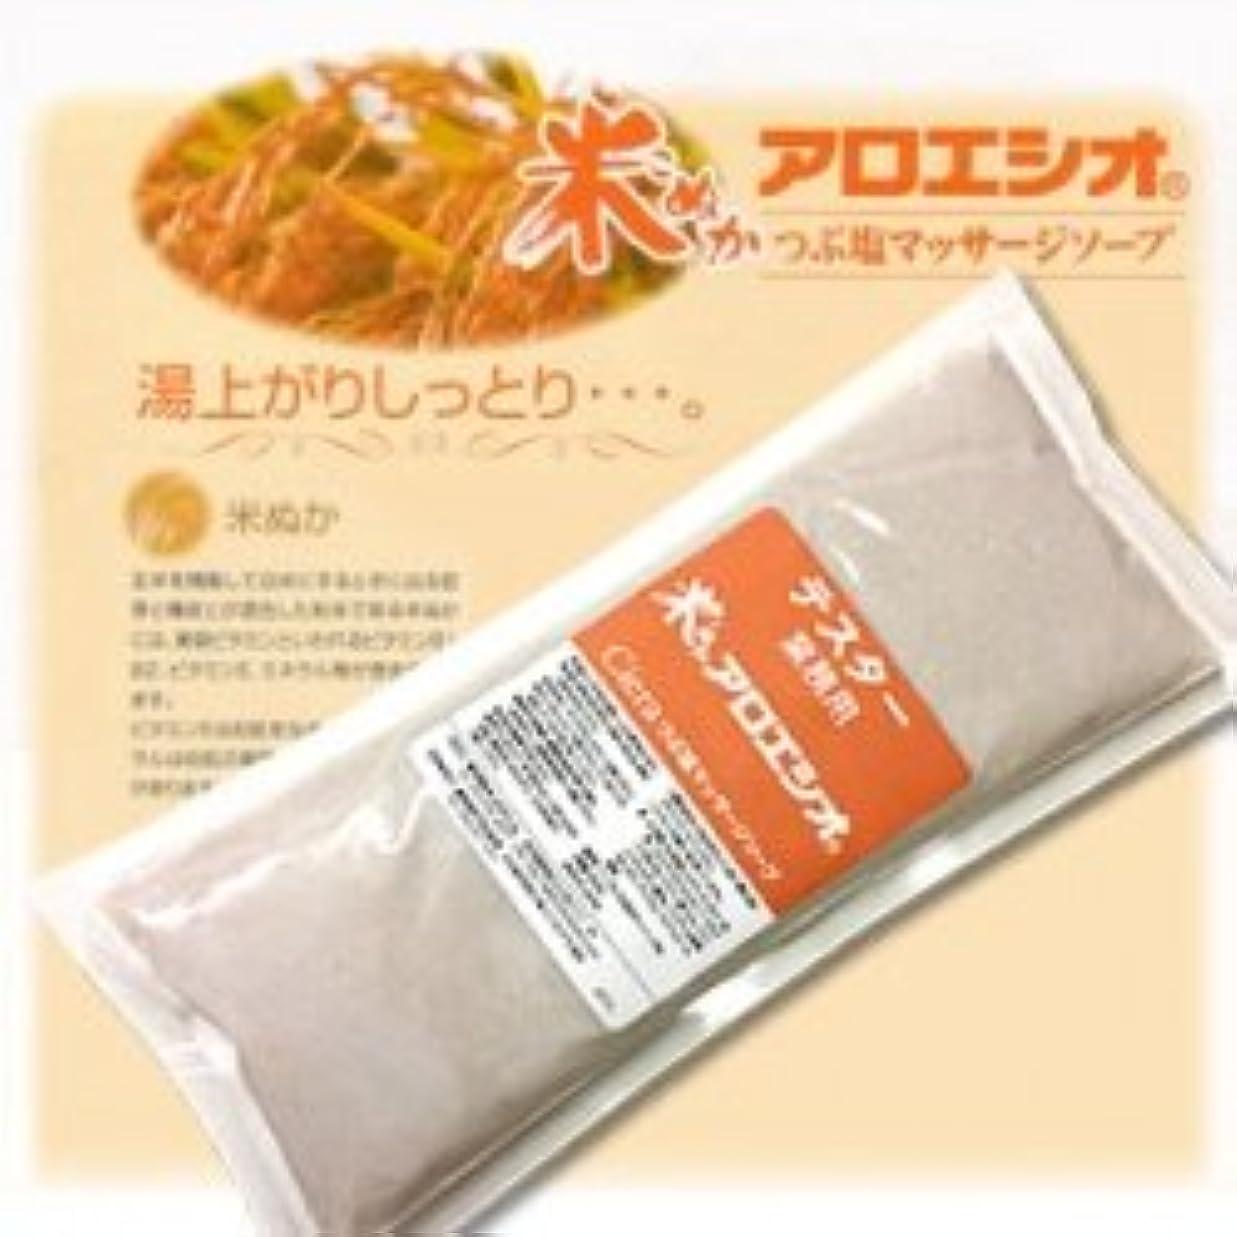 リーンアスリートナンセンス業務用米ぬかアロエ塩 800g つぶ塩マッサージソープ/ フタバ化学 アロエシオ Ciera